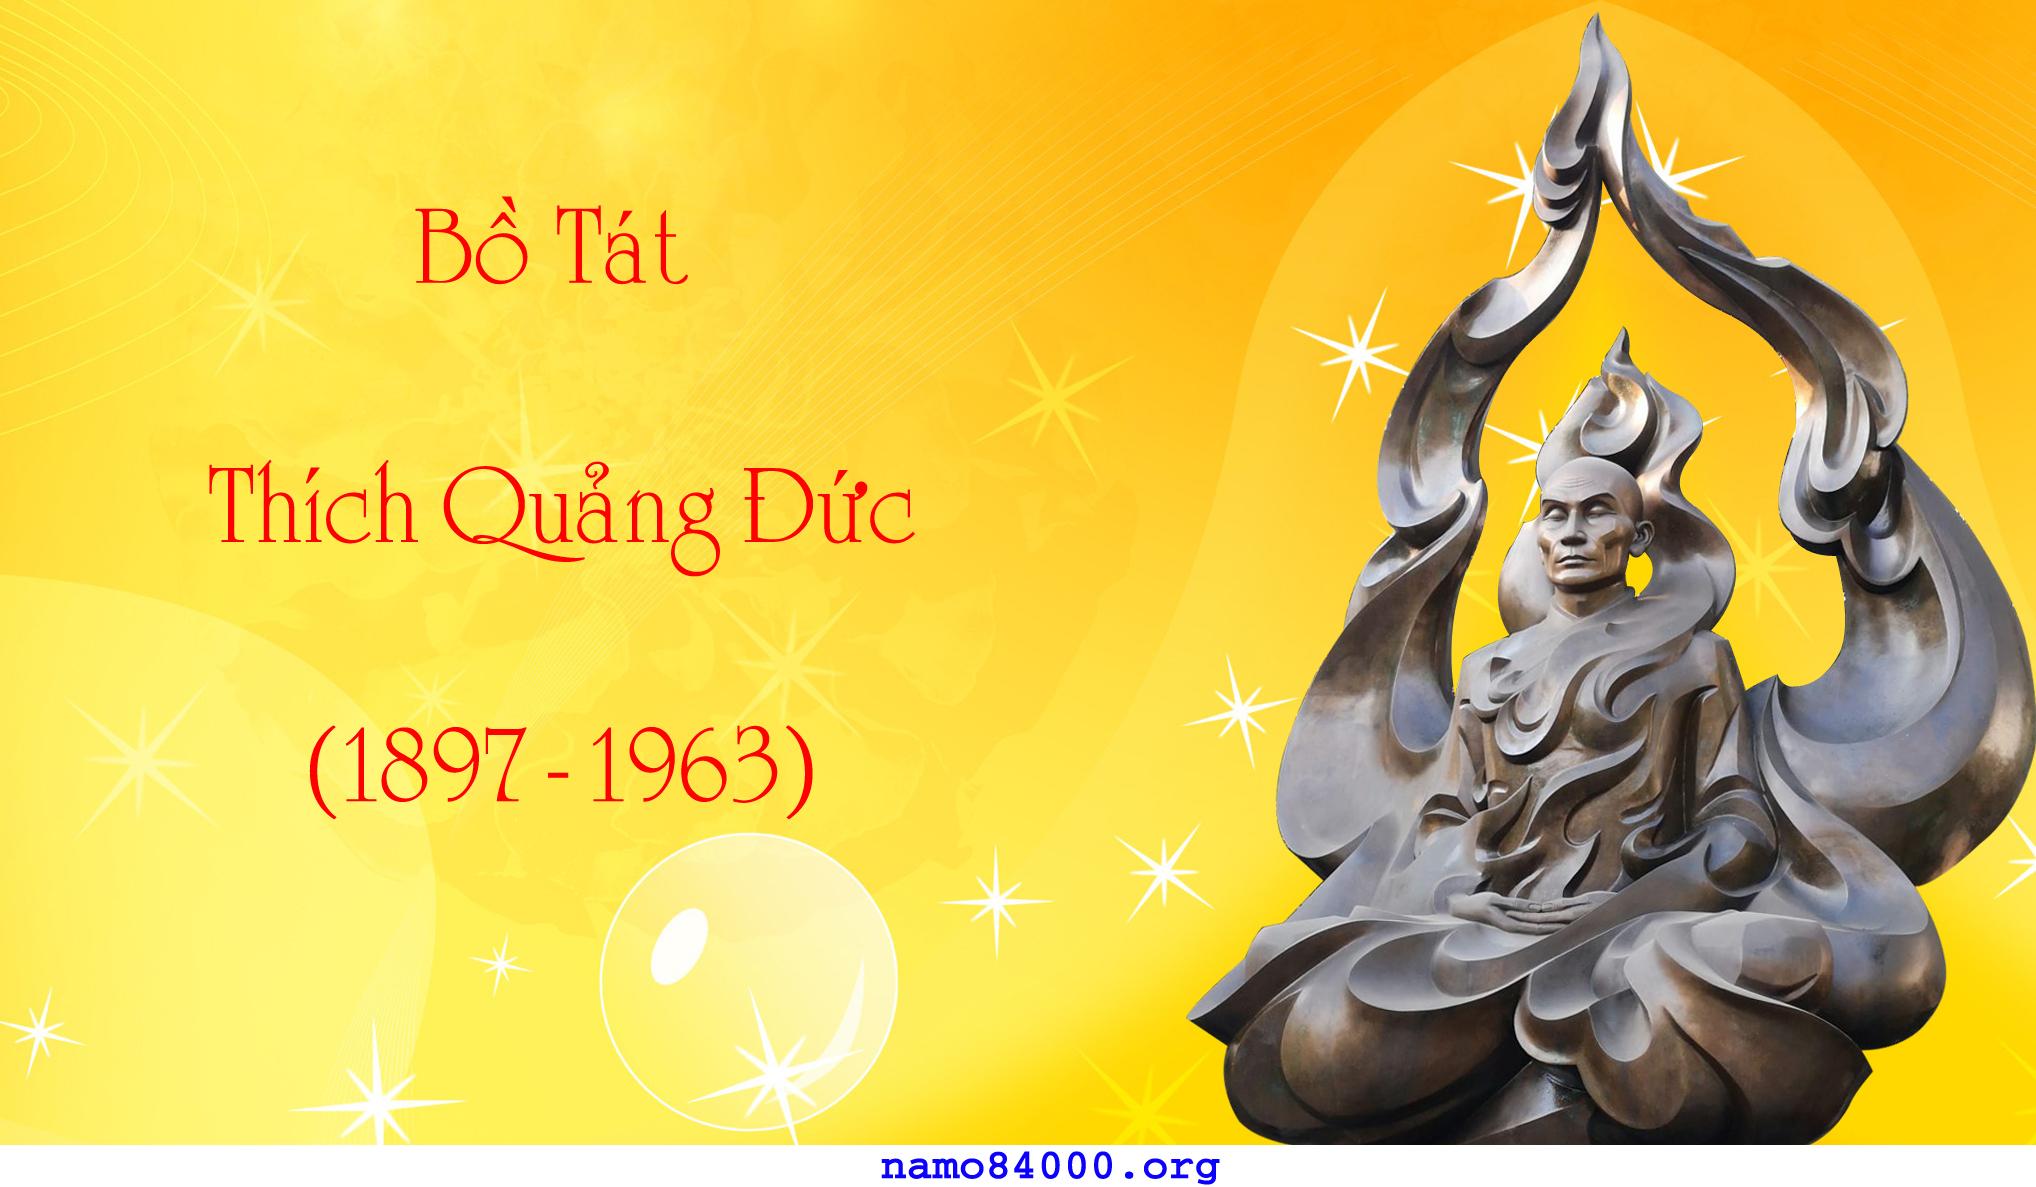 Tôn ảnh Bồ tát Thích Quảng Đức | Image of Bodhisattva Thich Quang Duc